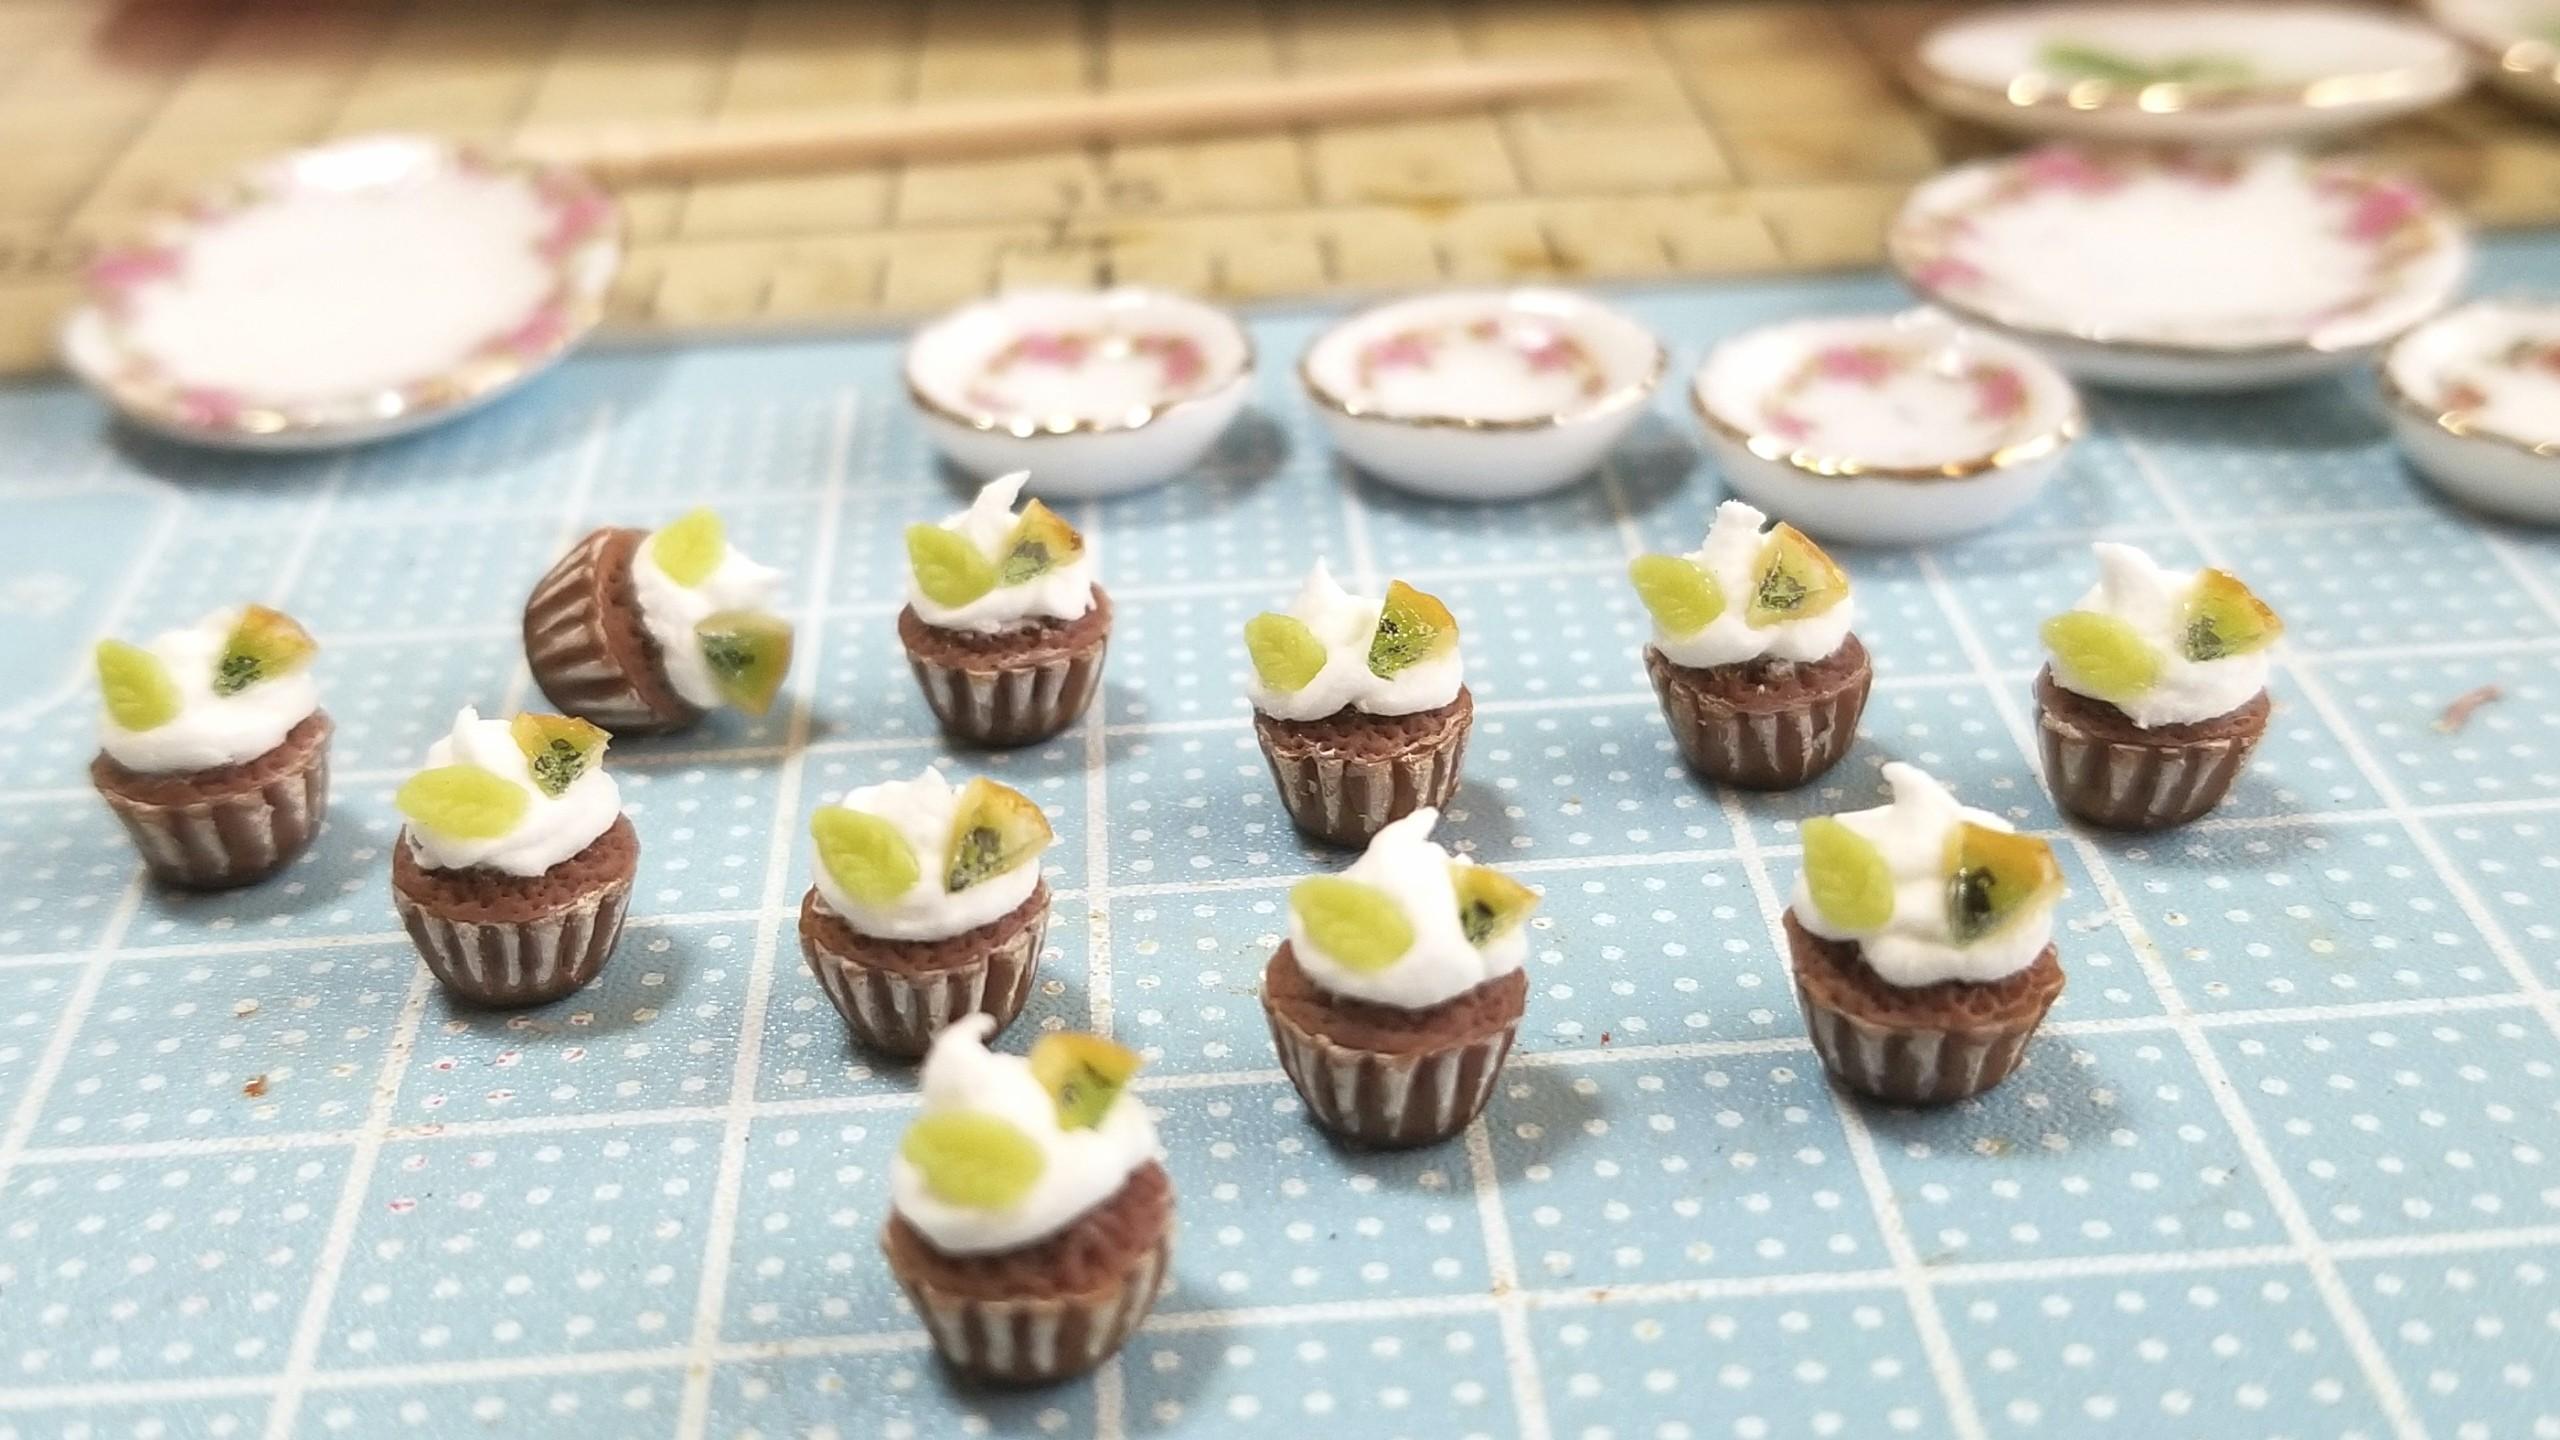 カップケーキ,ミニチュアフード,ボツ作品,失敗作,難しい,ドール,人形